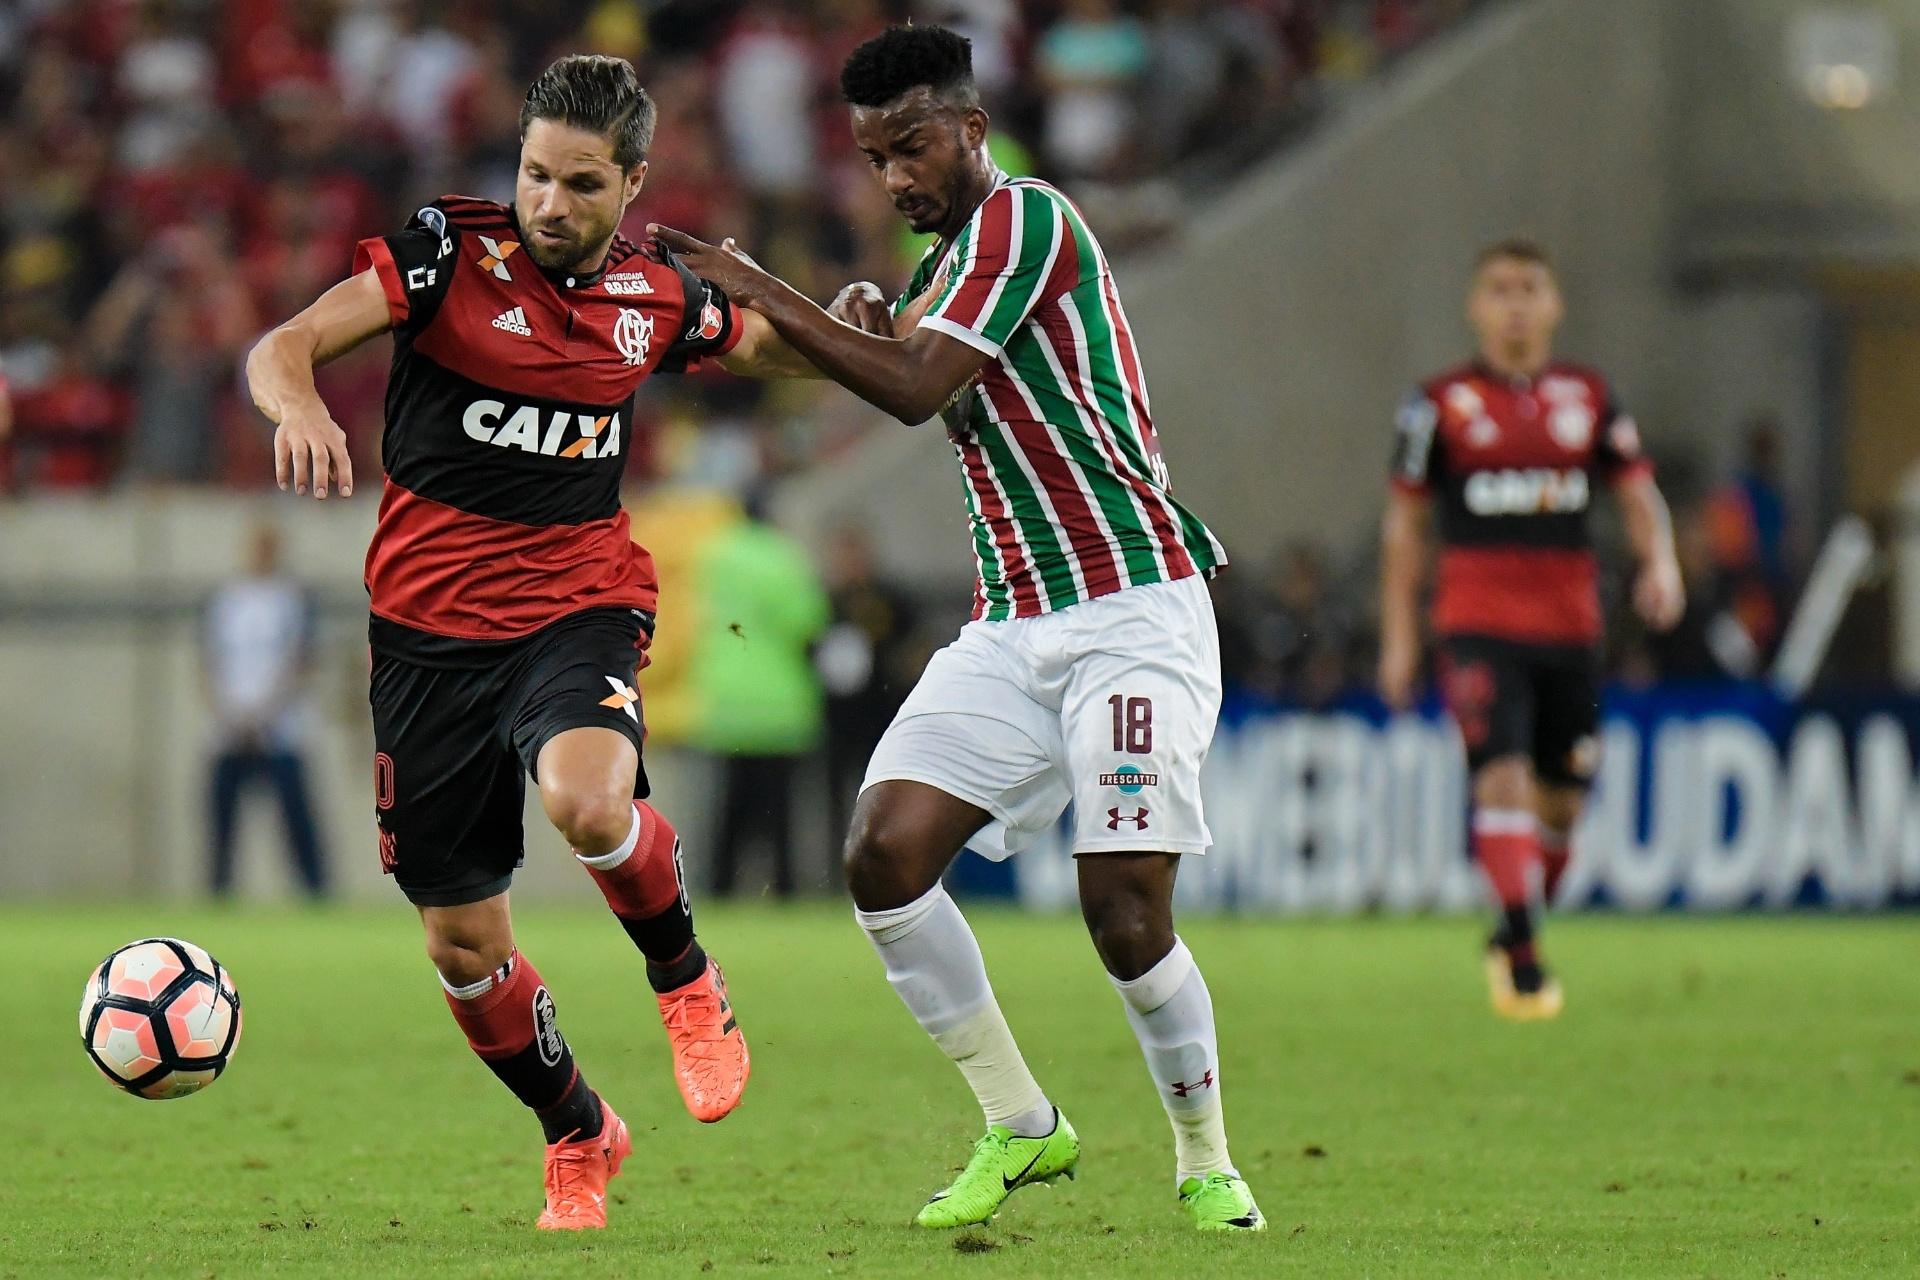 774823be5d Flu  repete  final do Carioca ante Fla e mira feito inédito no ano por vaga  - Esporte - BOL